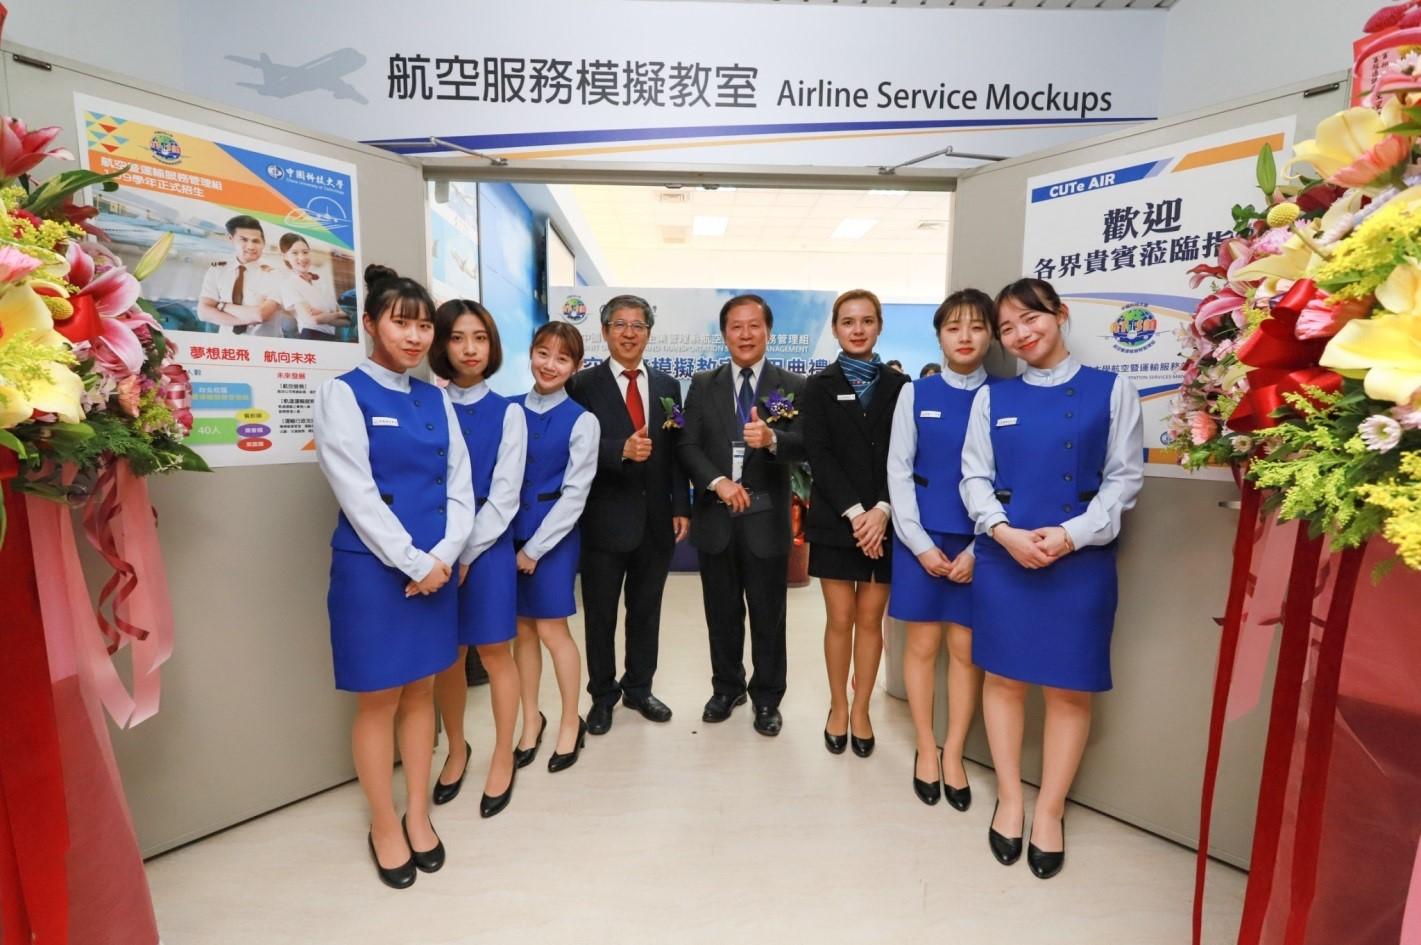 圖4 景文高中黃景生校長蒞臨參加中國科大航空服務模擬教室啟用典禮